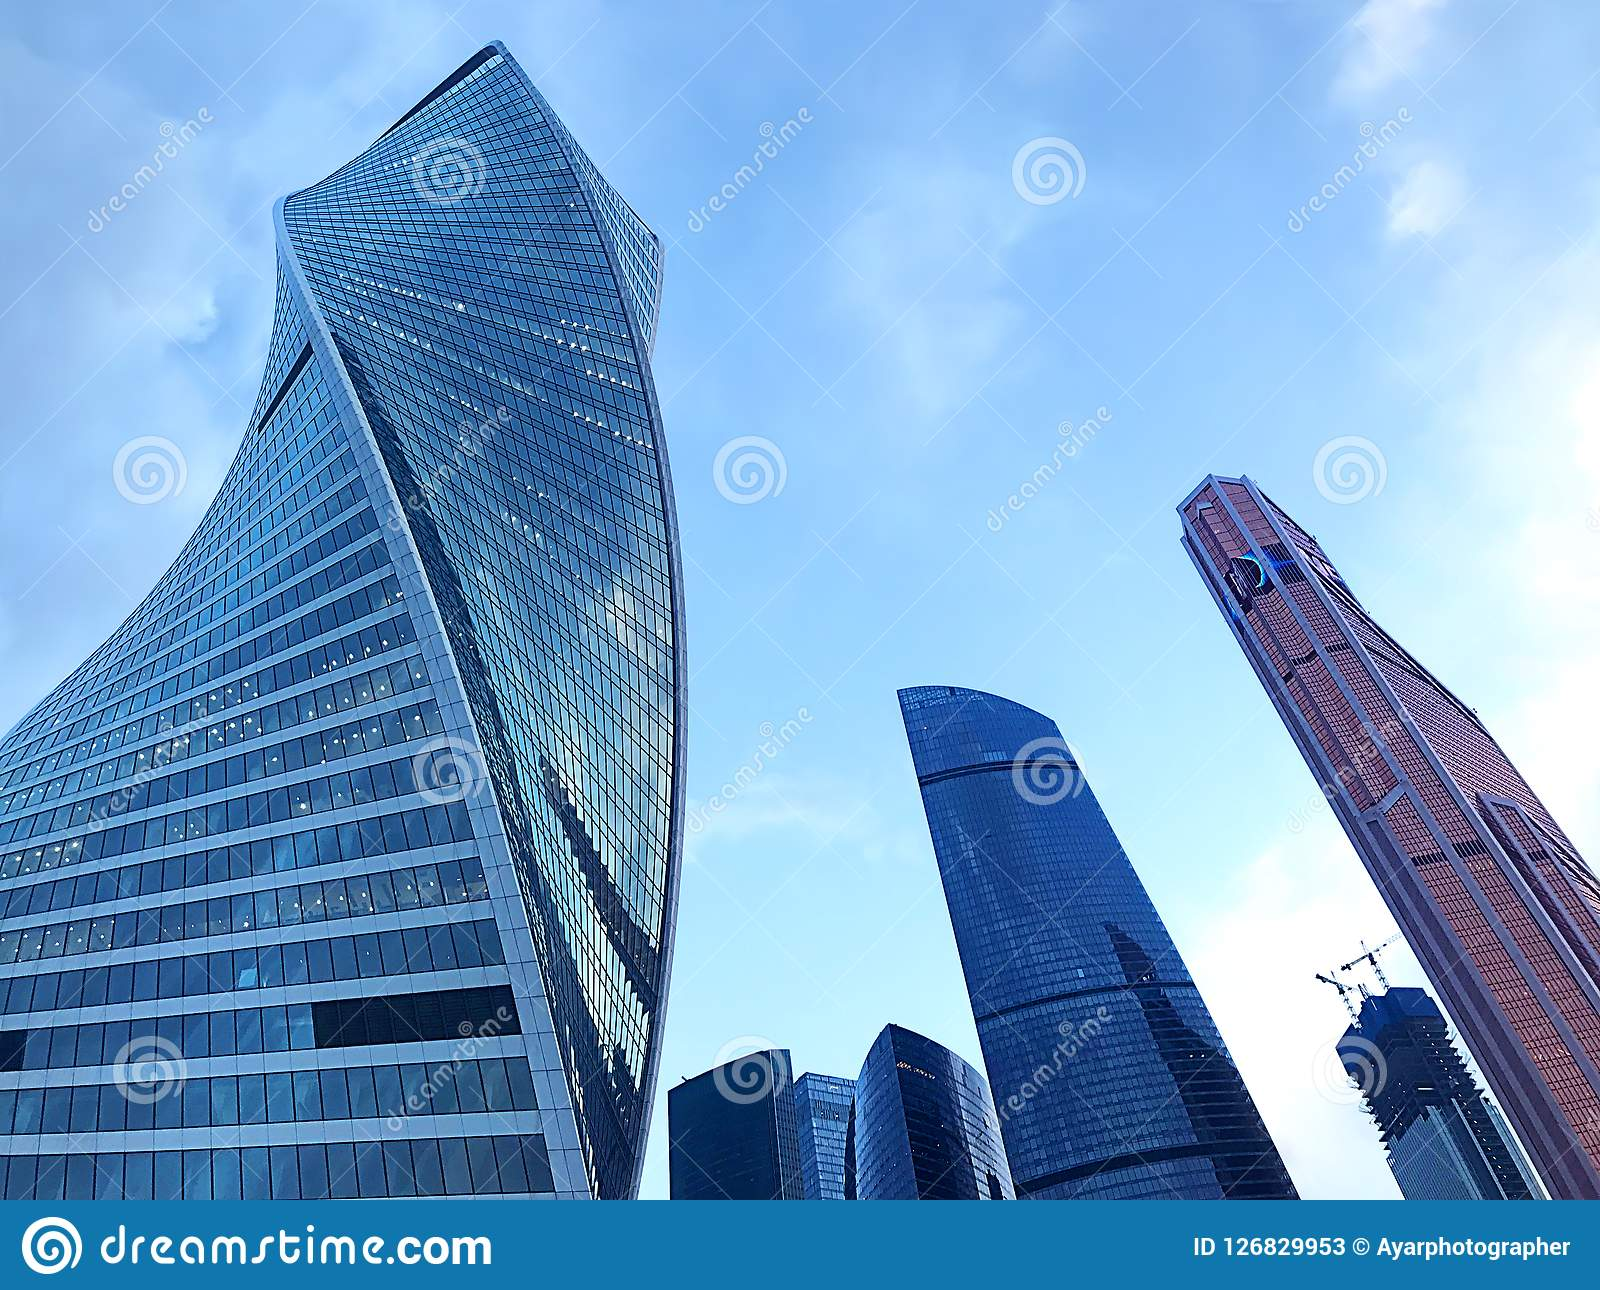 Entwicklungs-Turm, Vereinigungs-Türme und Mercury City Tower - internationales Geschäftszentrum Moskaus - Russland